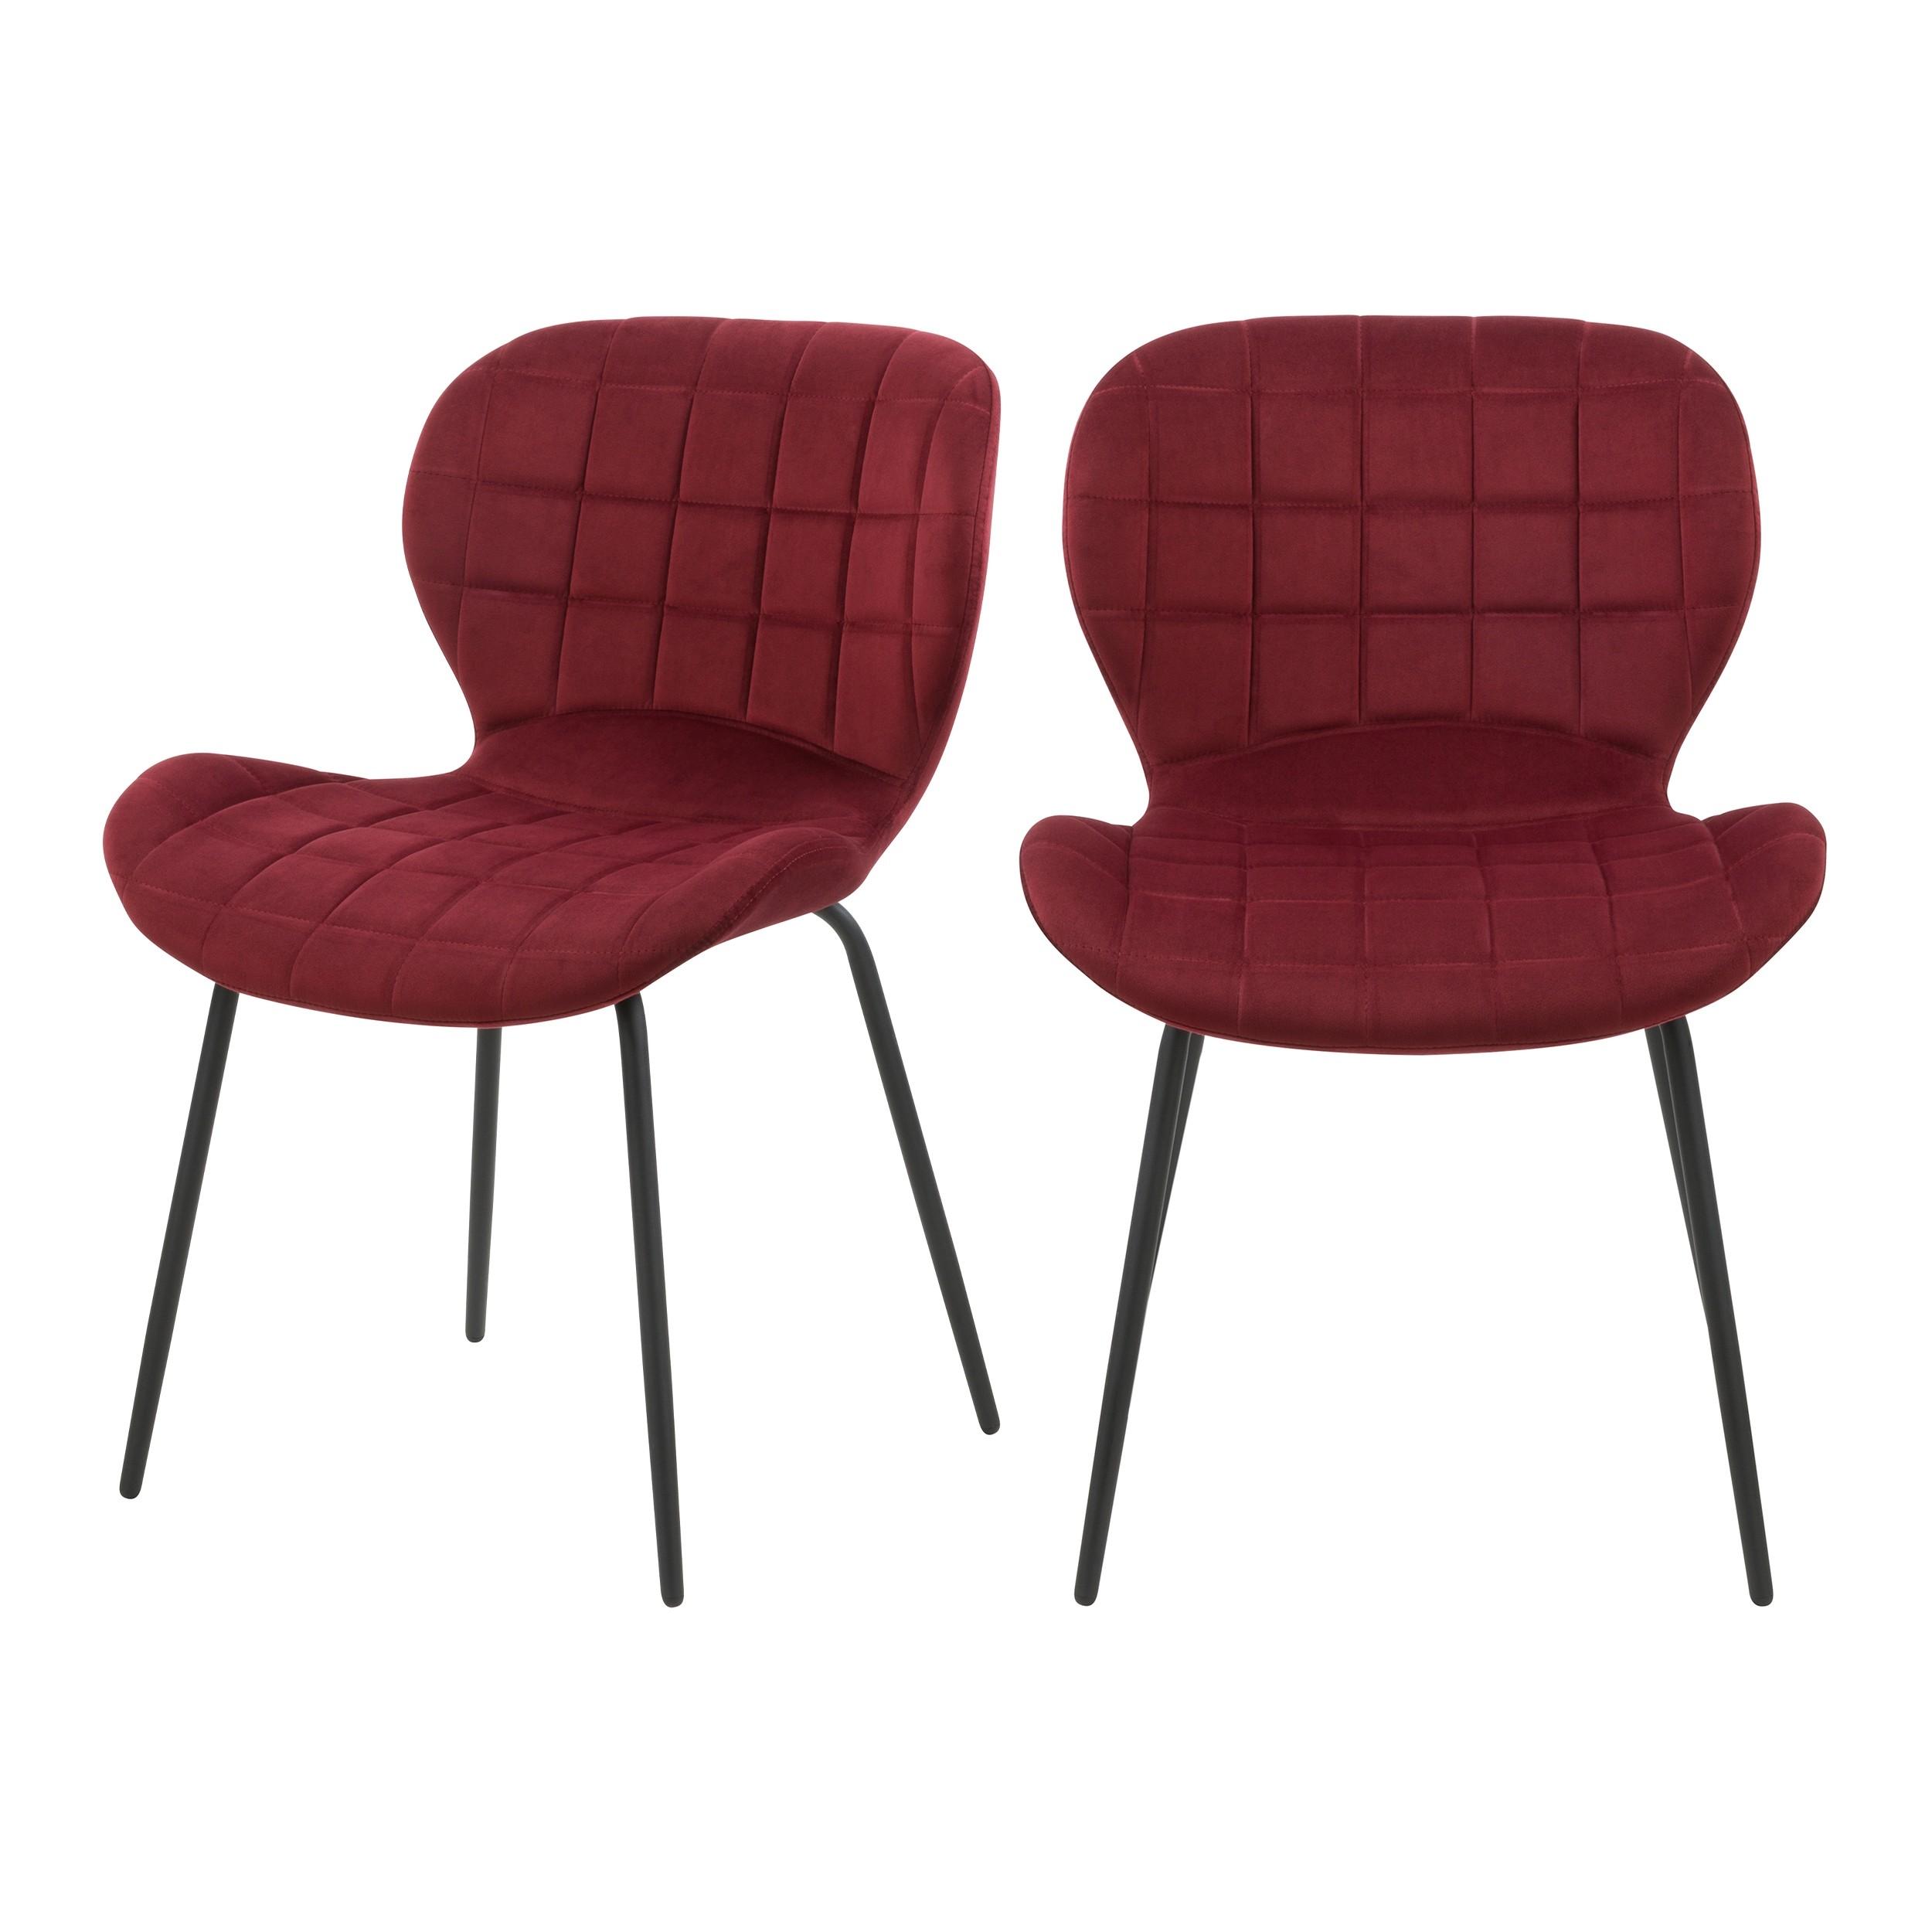 acheter chaise bordeaux en velours lot de 2